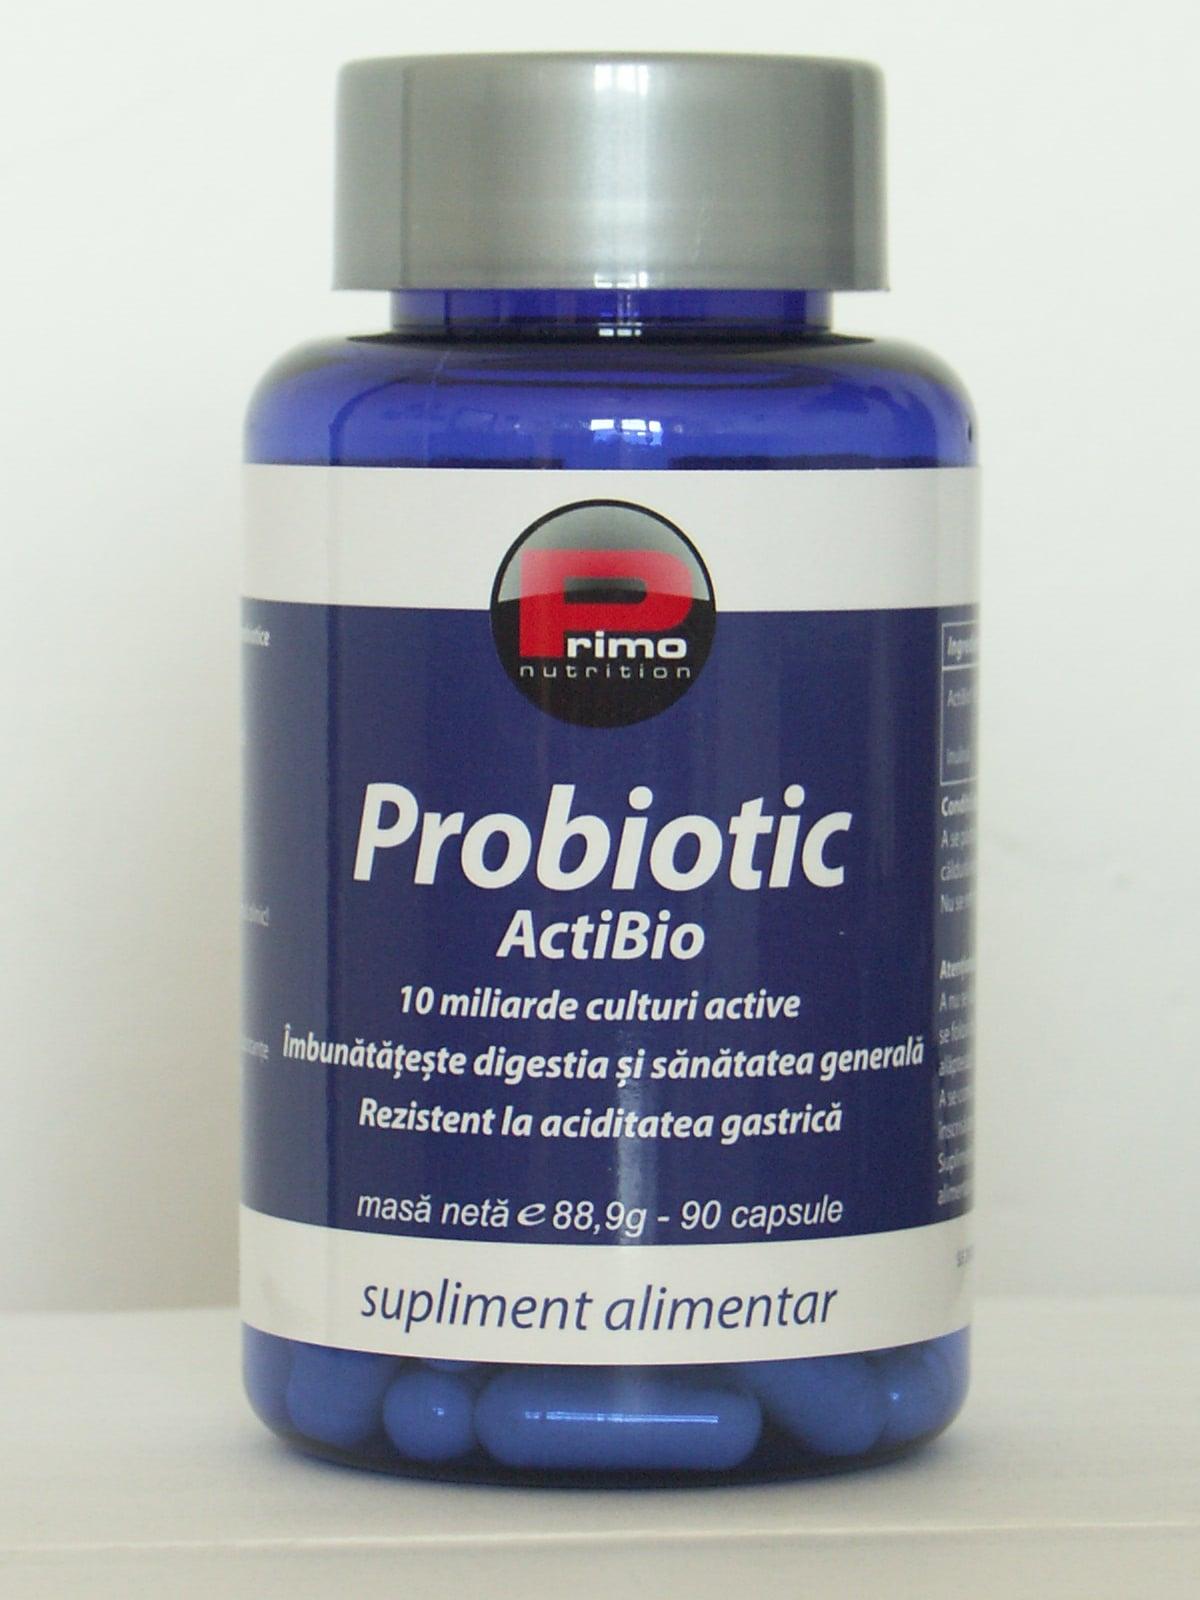 Probiotic ActiBio (probiotice naturale), 10 miliarde, 90 cps, Primo Nutrition